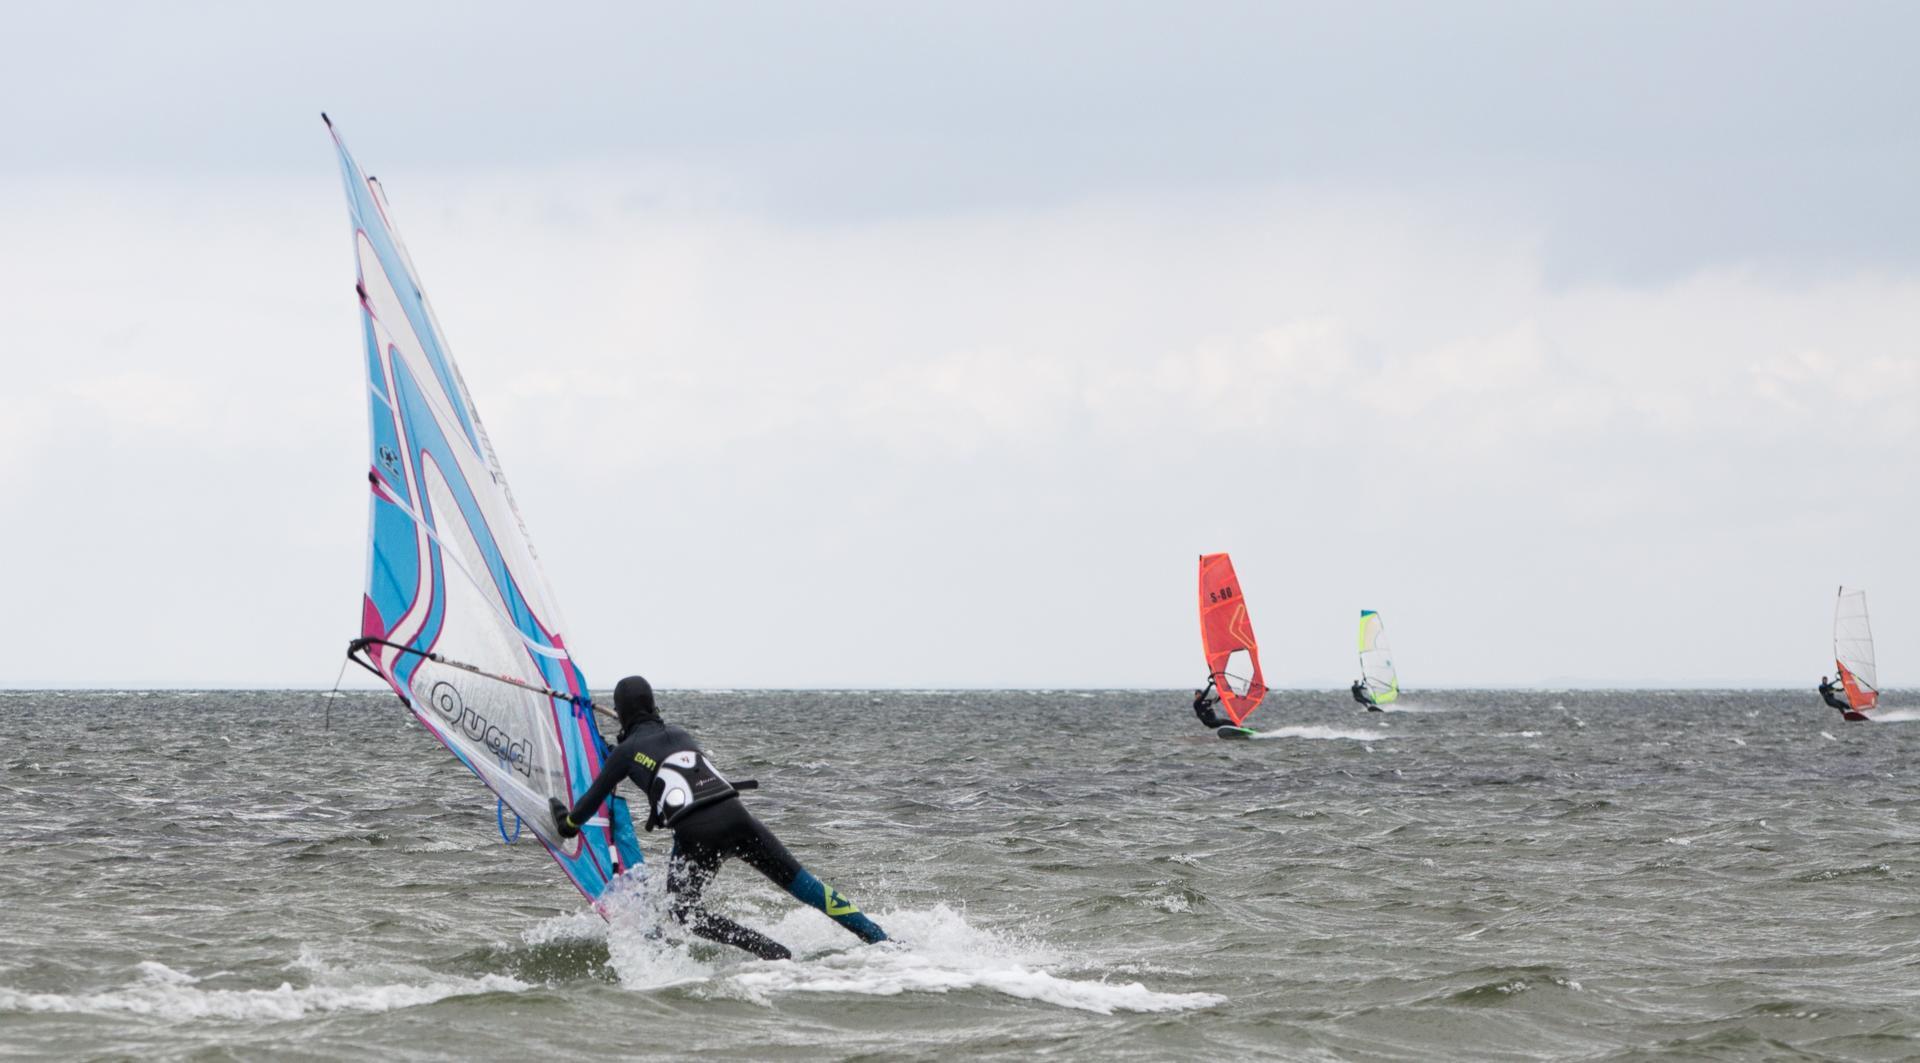 lomma-vindsurfing-malmö-skåne-2